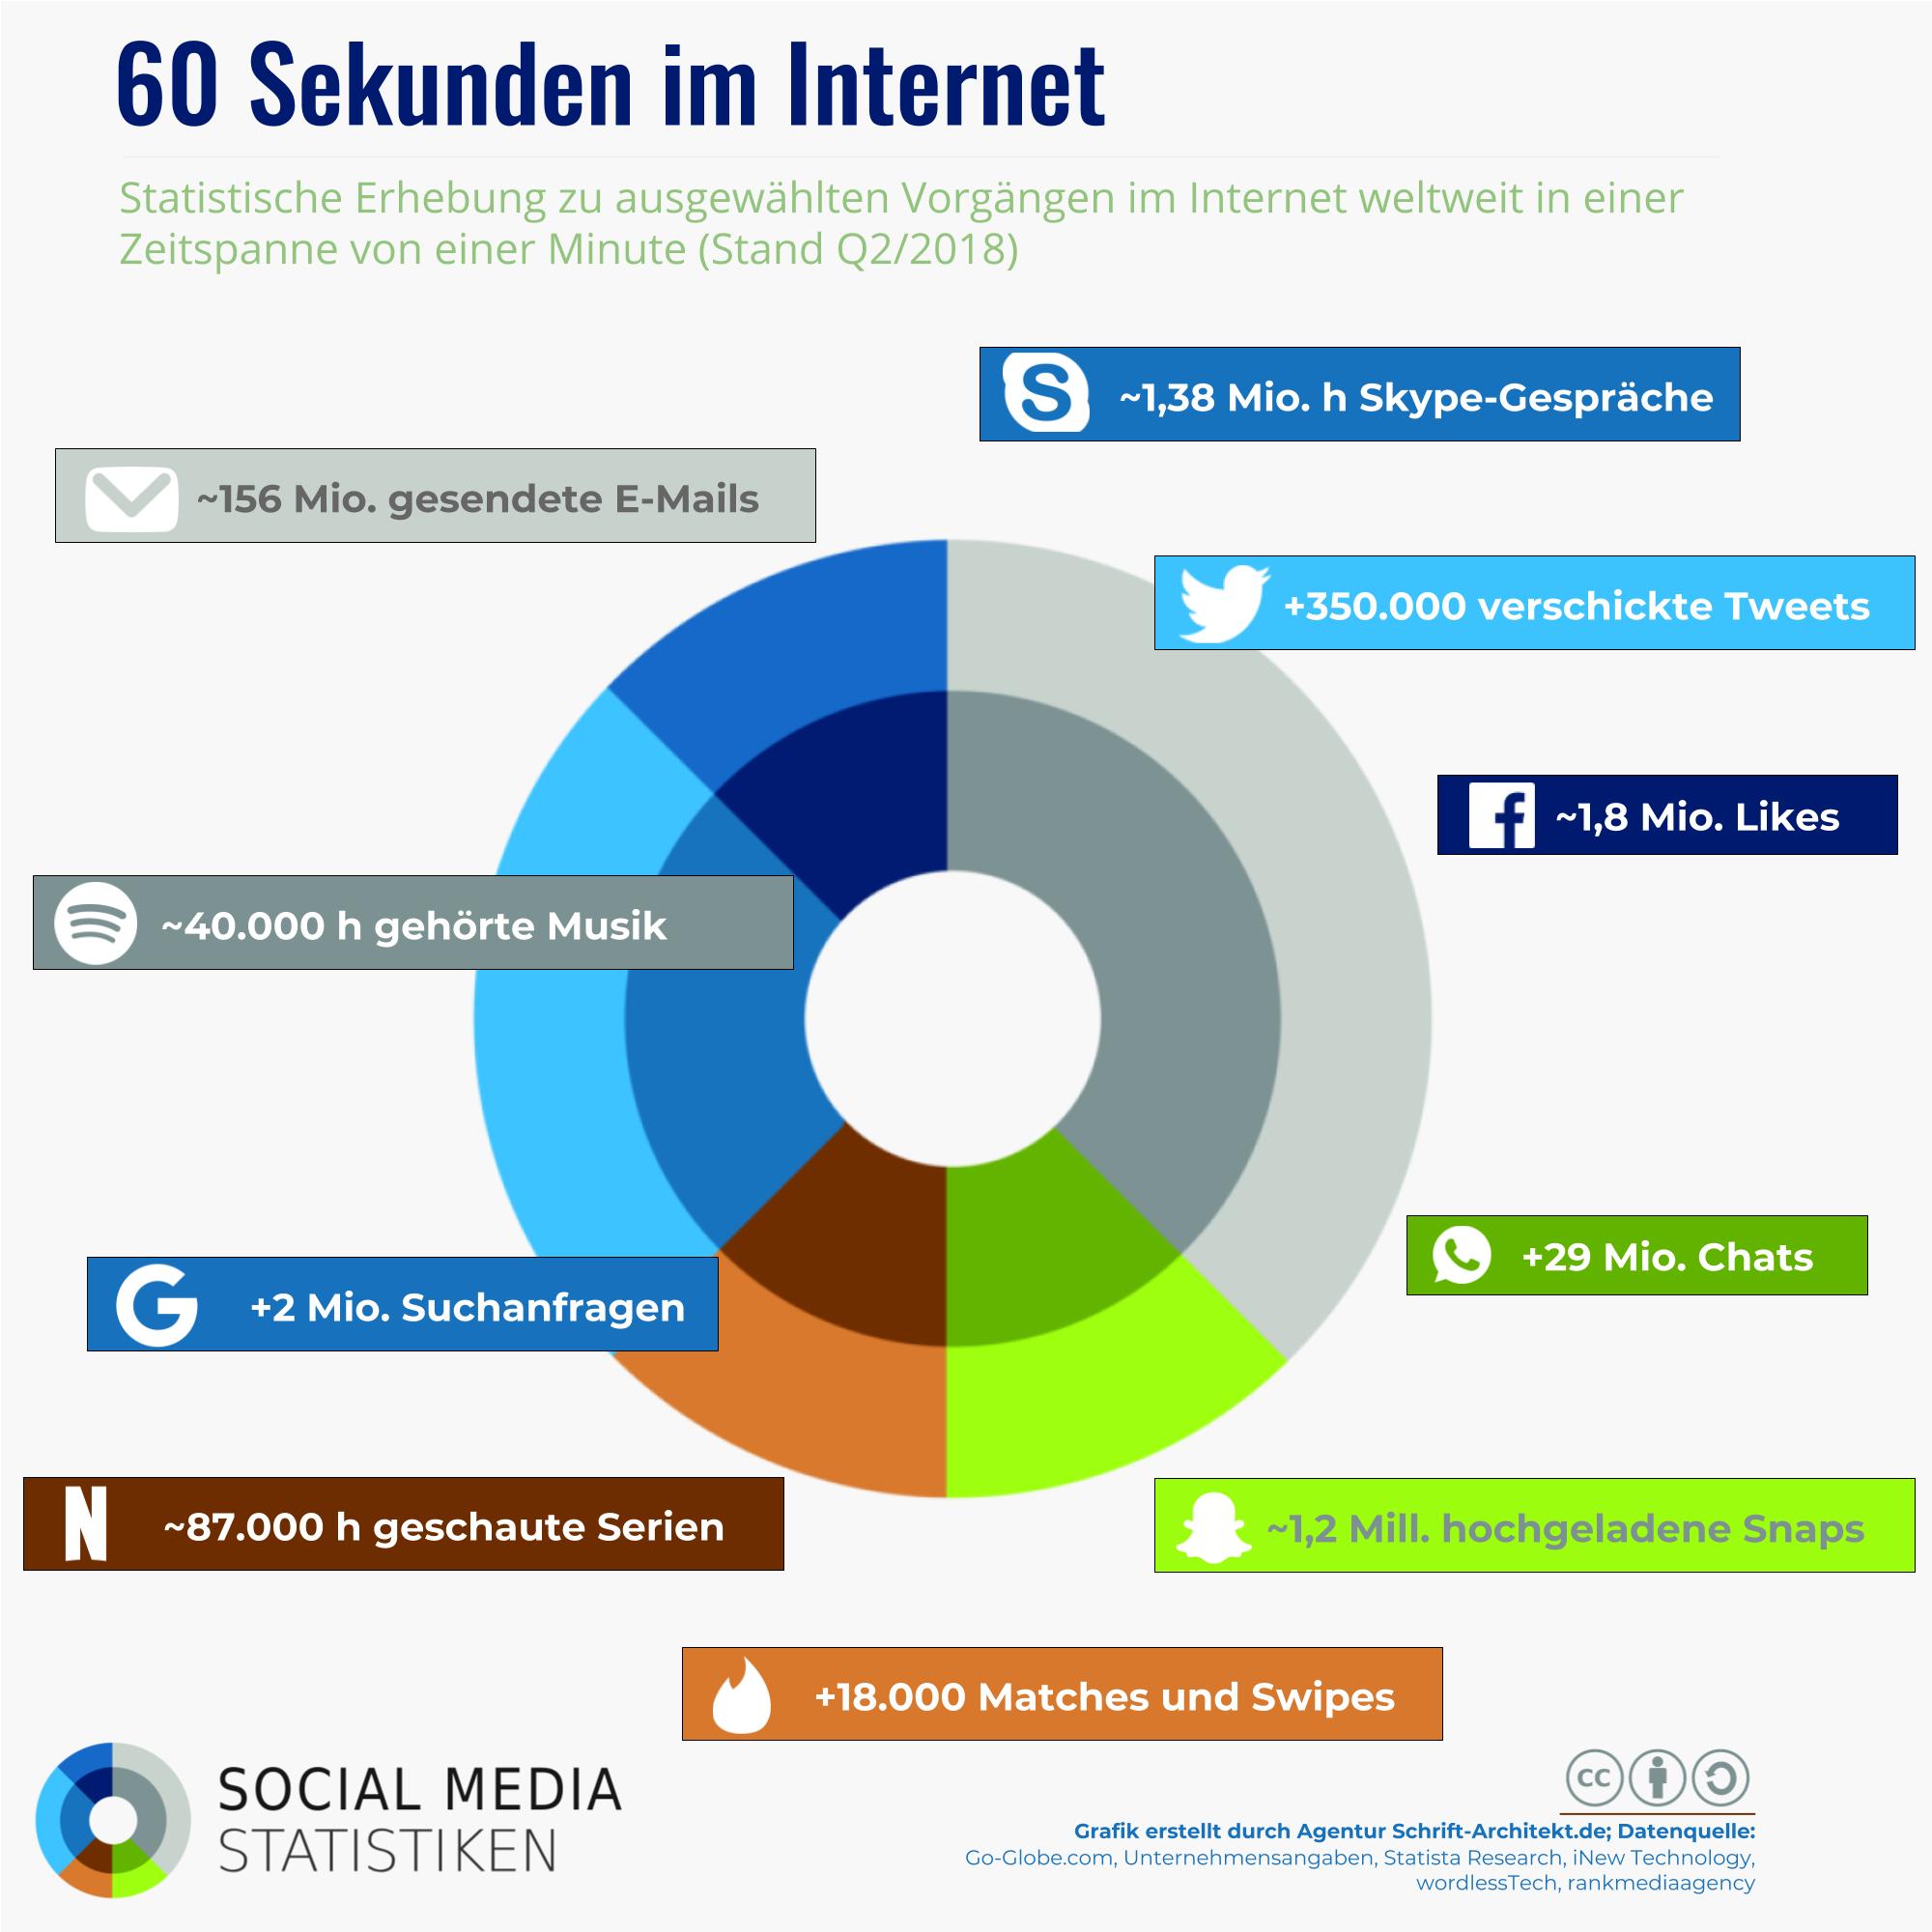 Infografik Premium SocialMediaStatistik.de zum Thema 60 Sekunden Internet